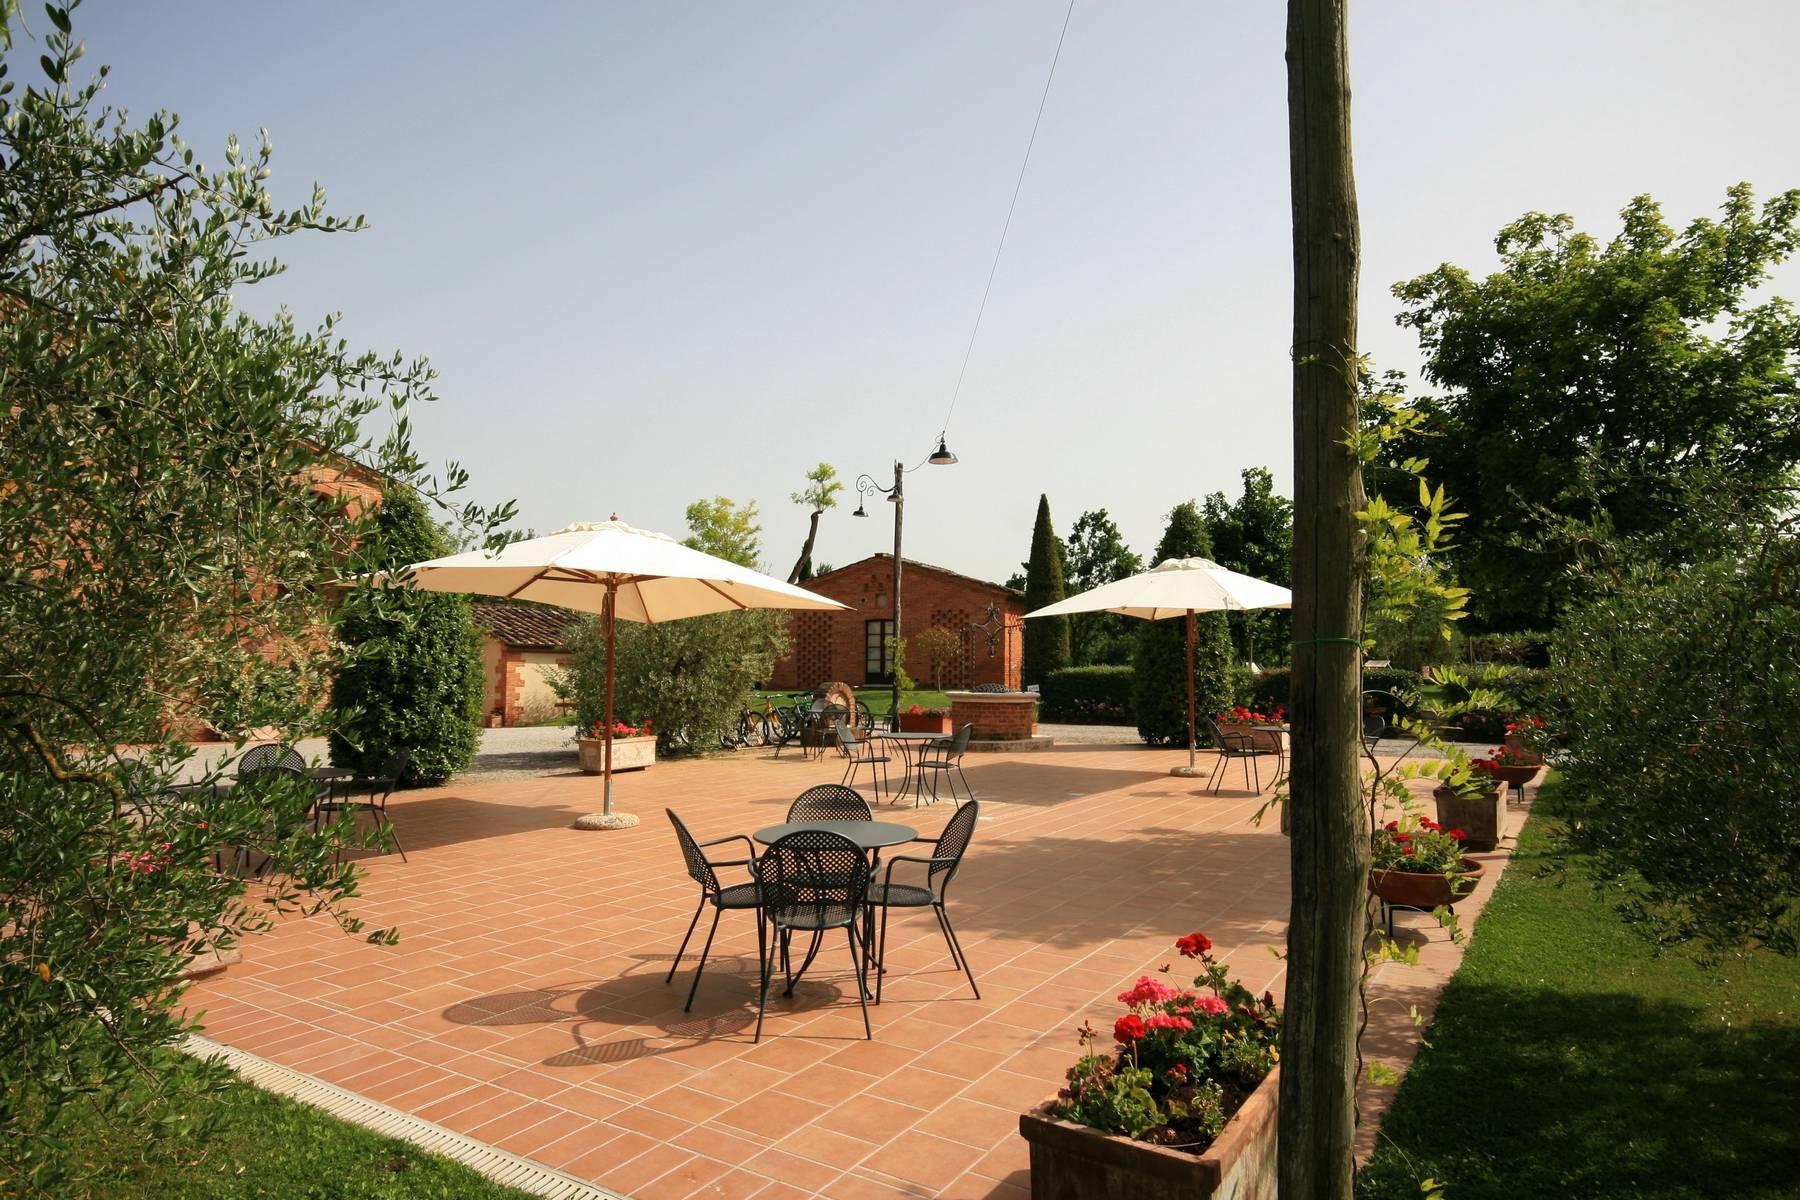 Rustico in Vendita a Montepulciano: 5 locali, 1890 mq - Foto 14